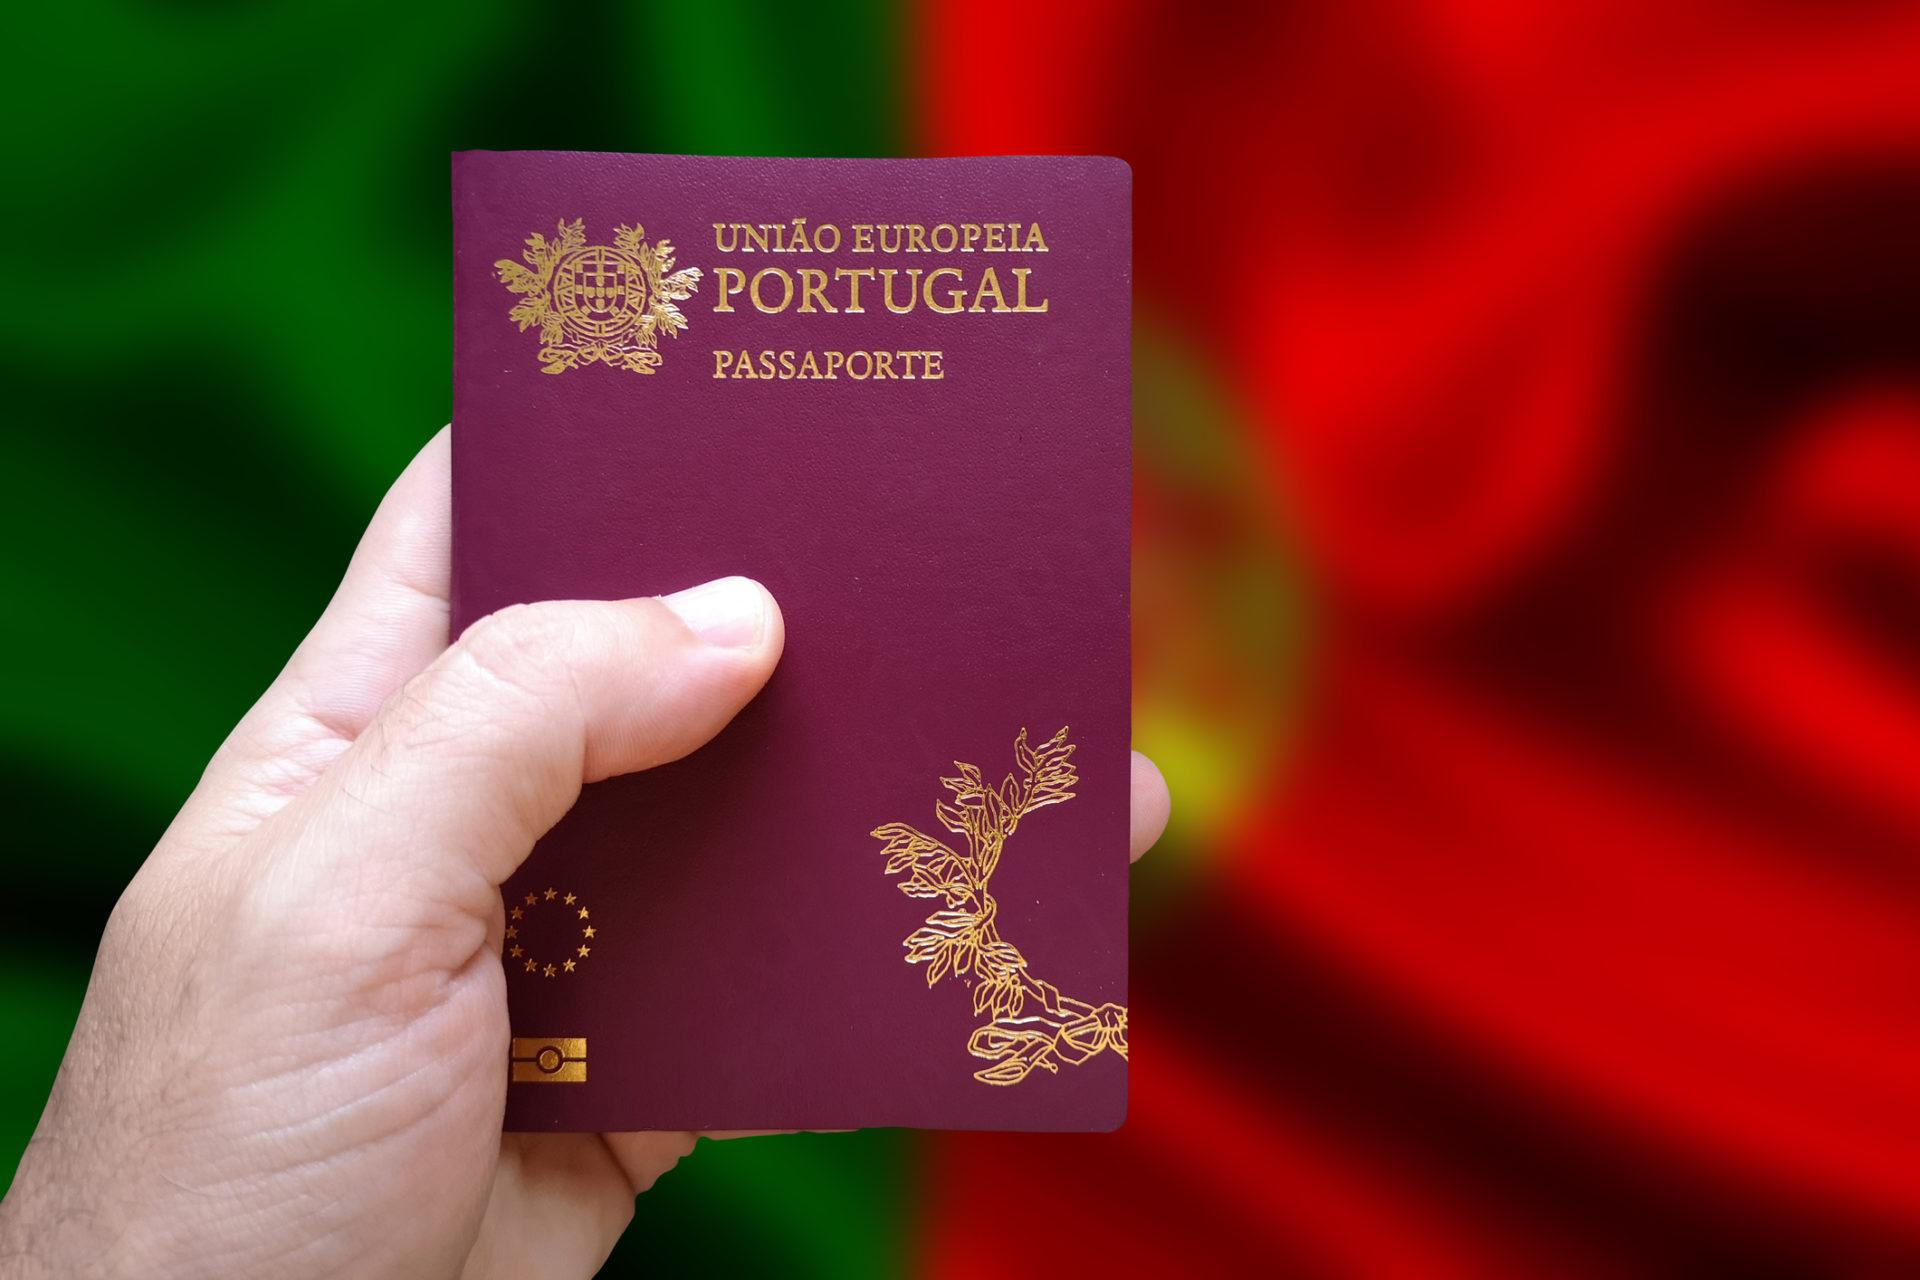 איך להשיג דרכון אירופאי